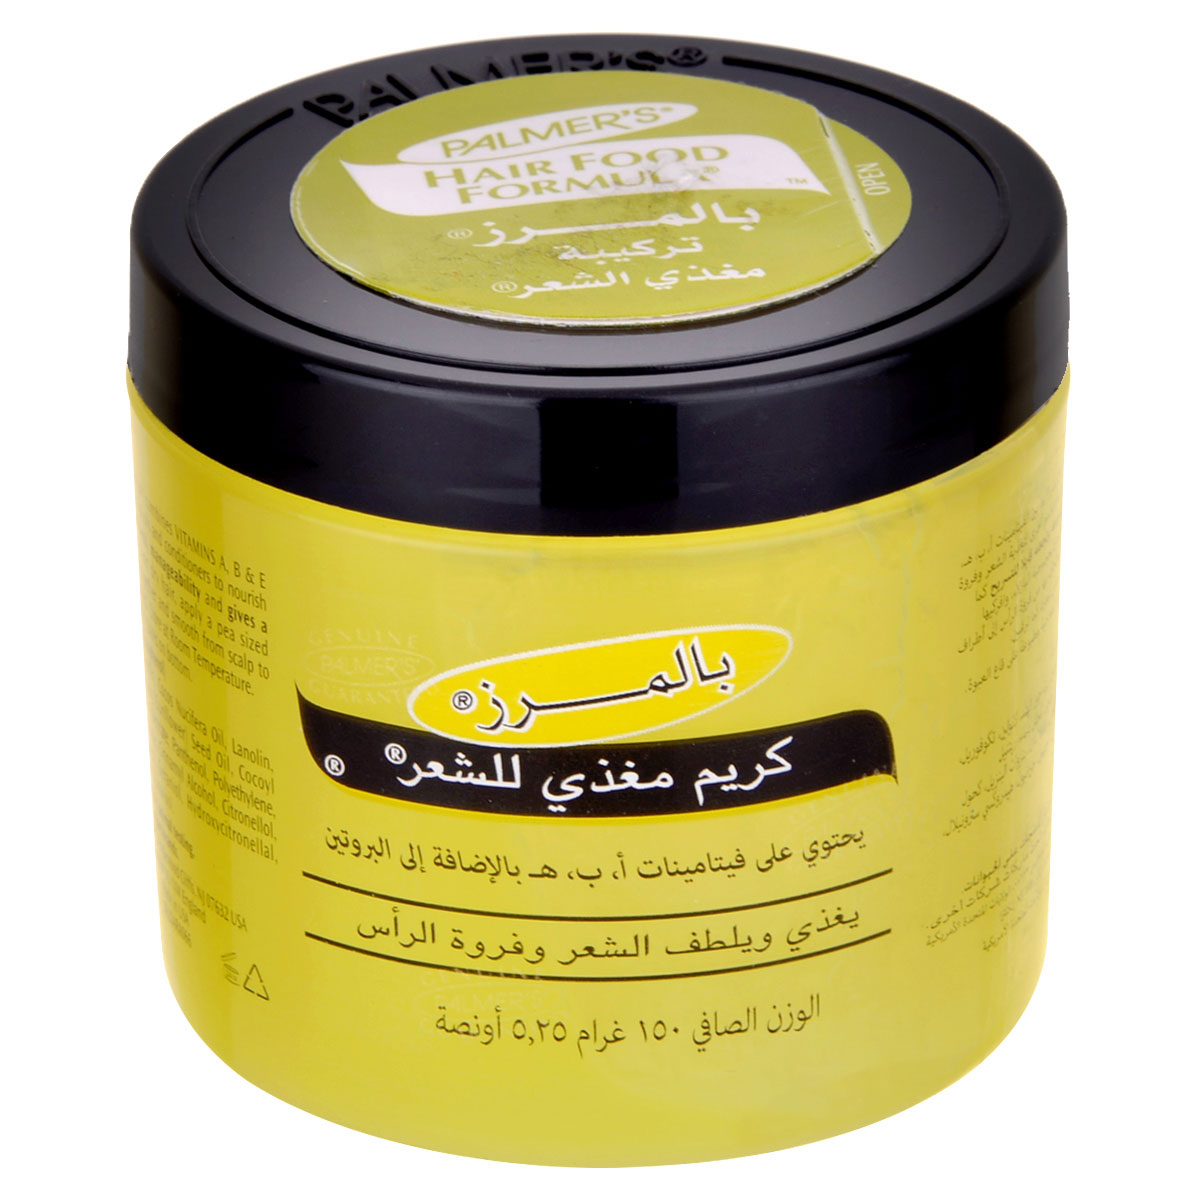 بالمرز - كريم مغذي للشعر 150 جرام